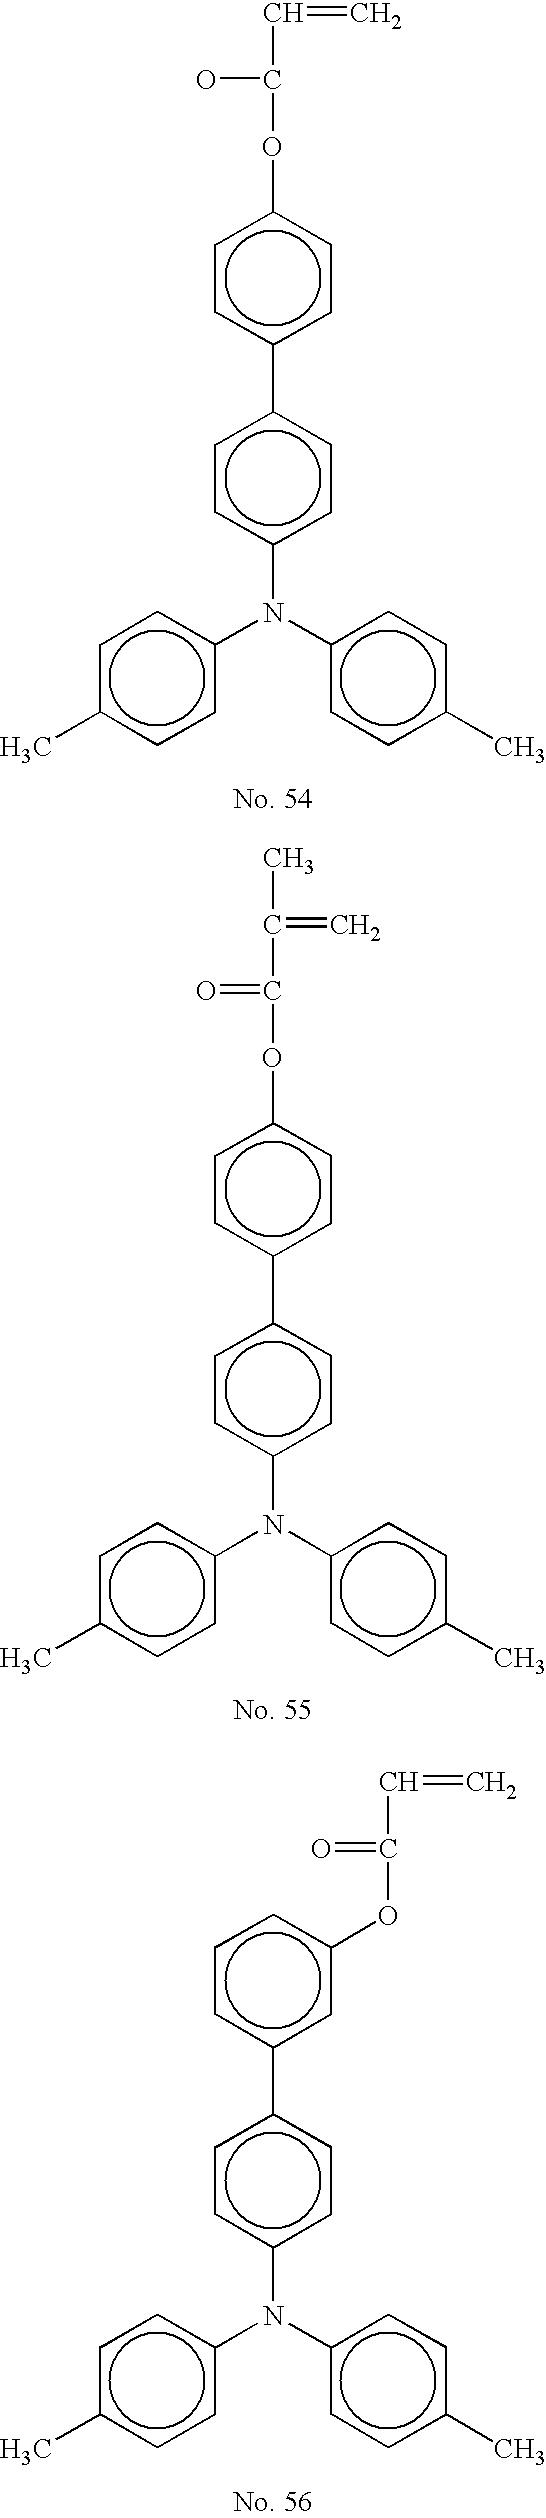 Figure US20070196749A1-20070823-C00020